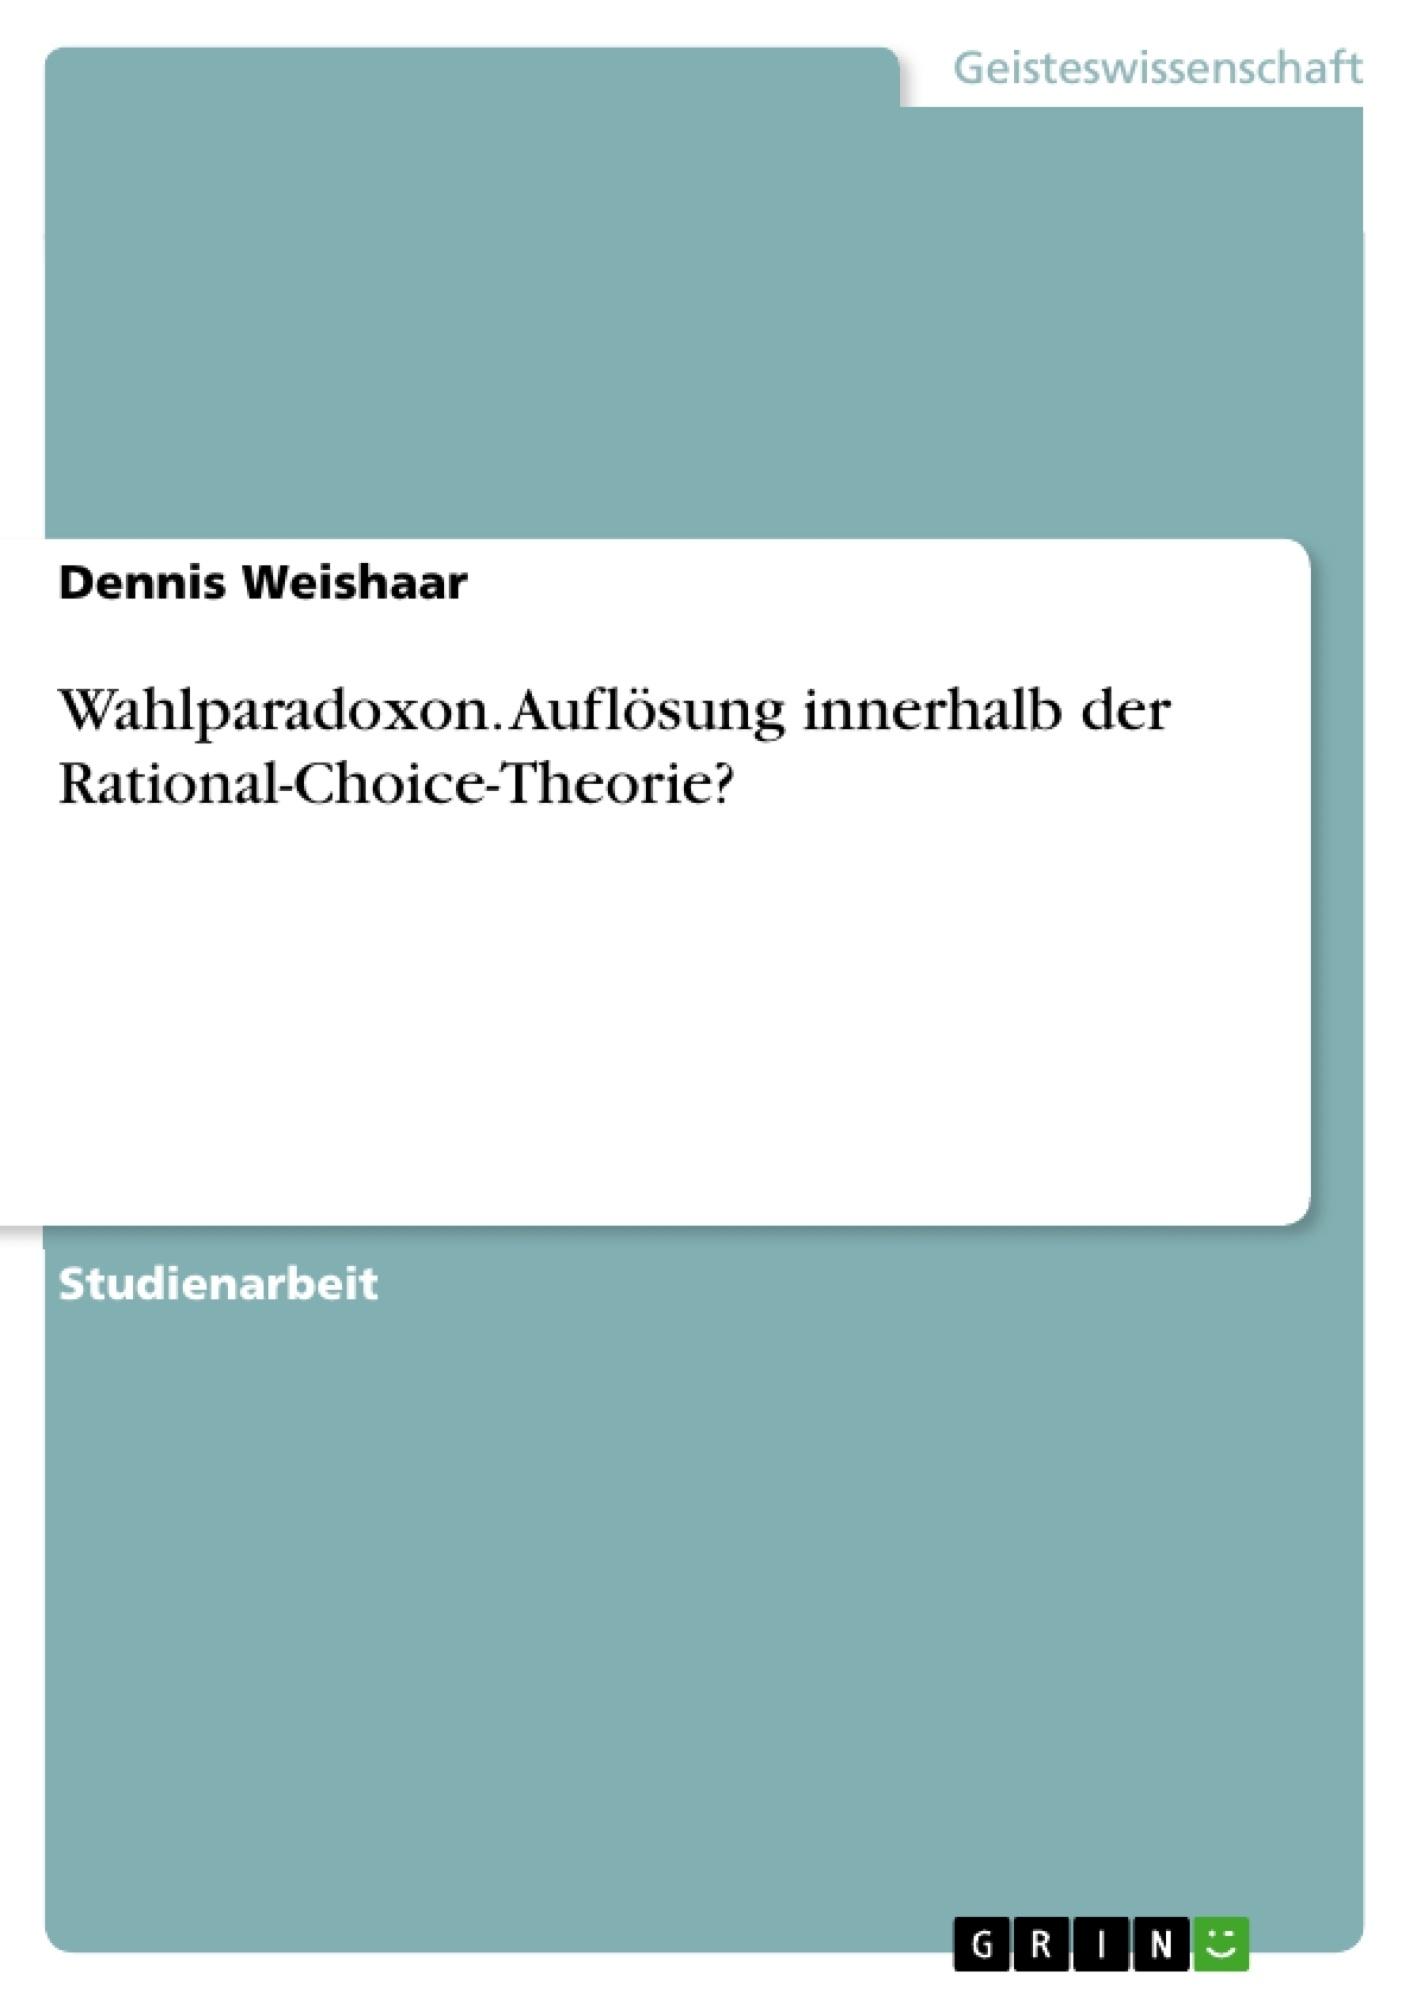 Titel: Wahlparadoxon. Auflösung innerhalb der Rational-Choice-Theorie?